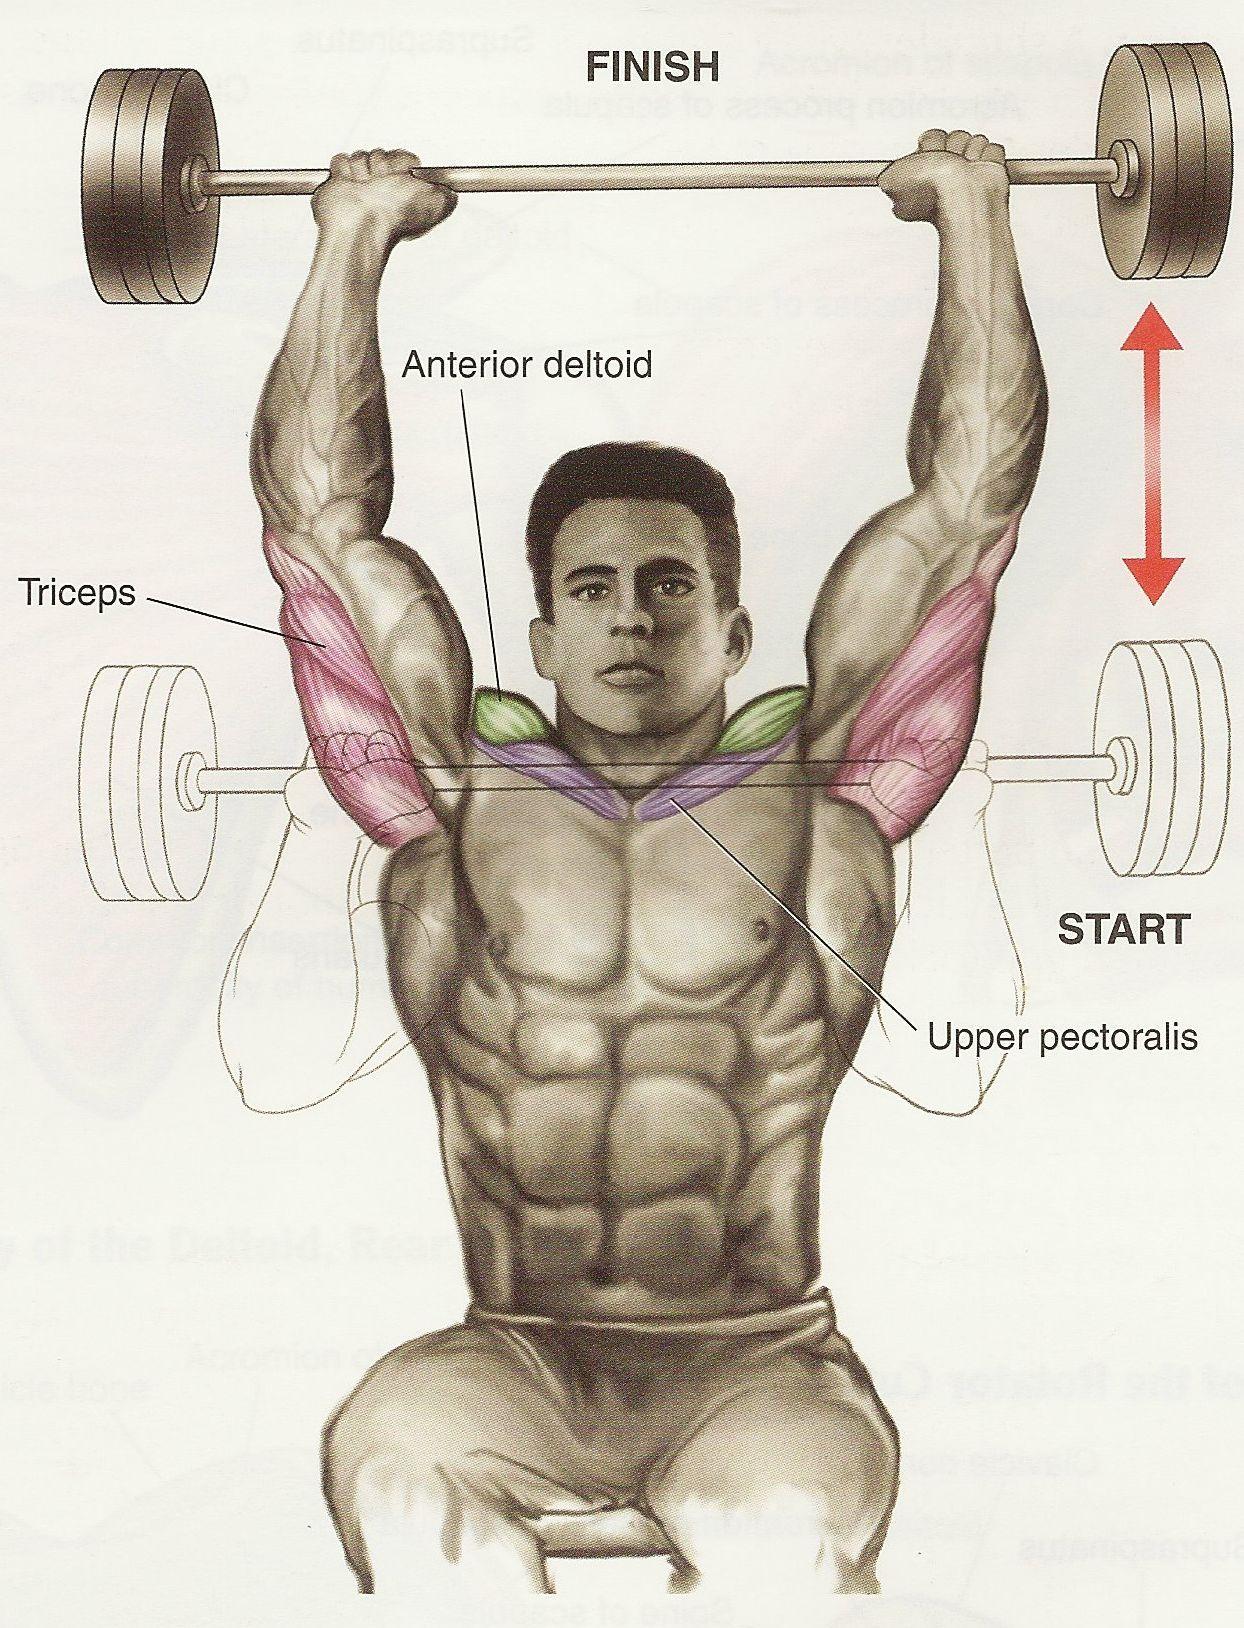 Ejercicios de hombros – Shoulder press con pesas de barra ...